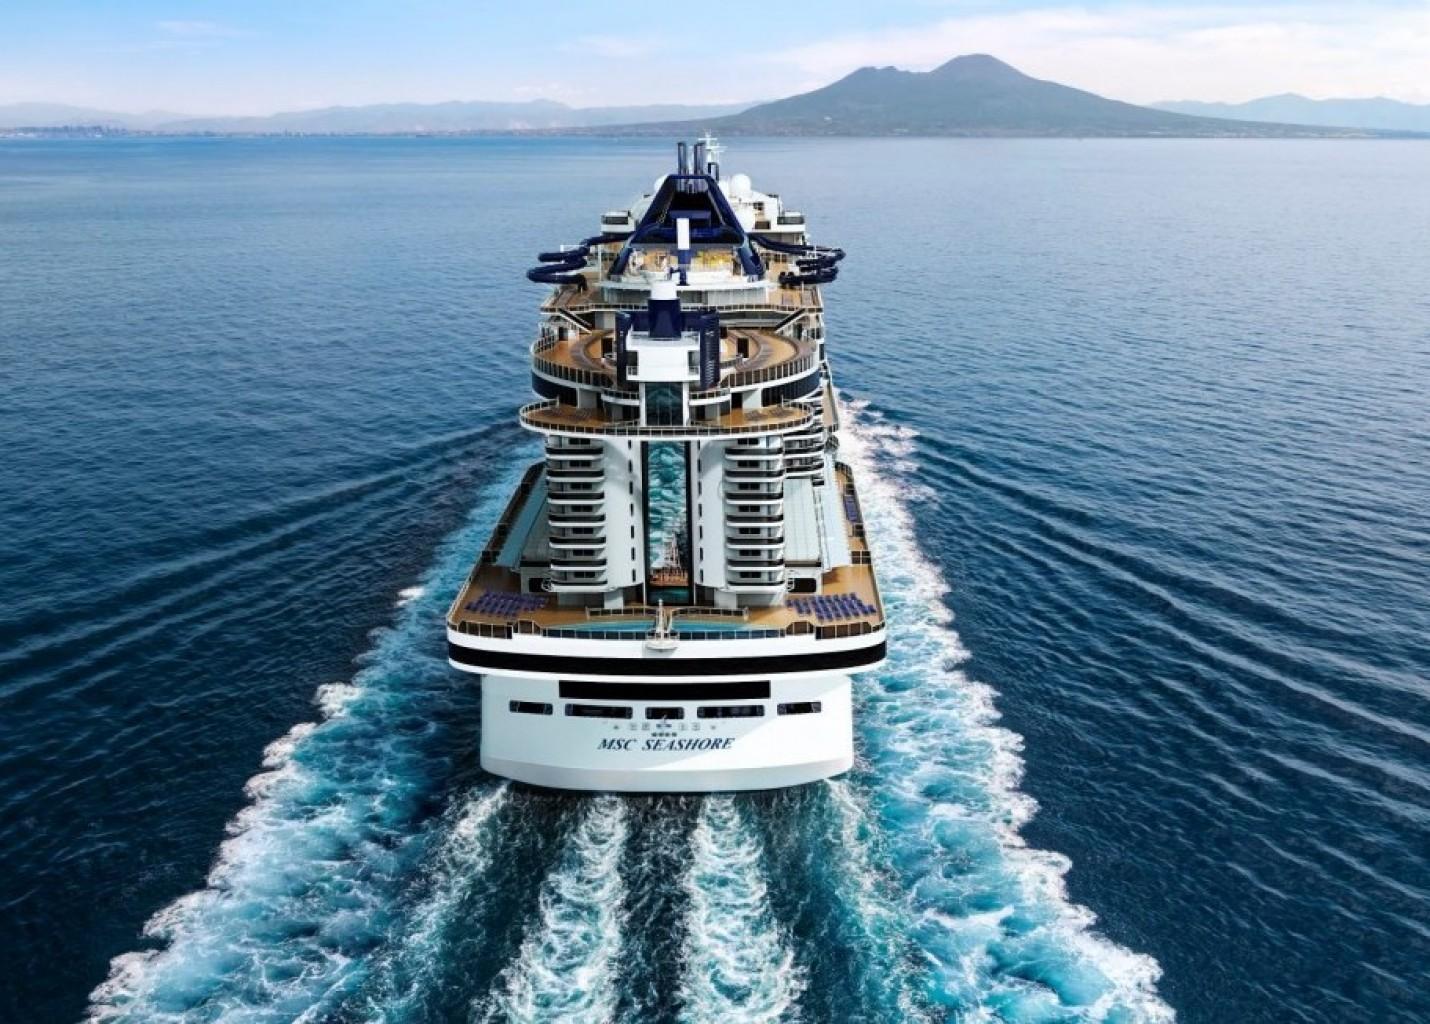 MSC Seashore estreia em agosto no Mediterrâneo; conheça o navio